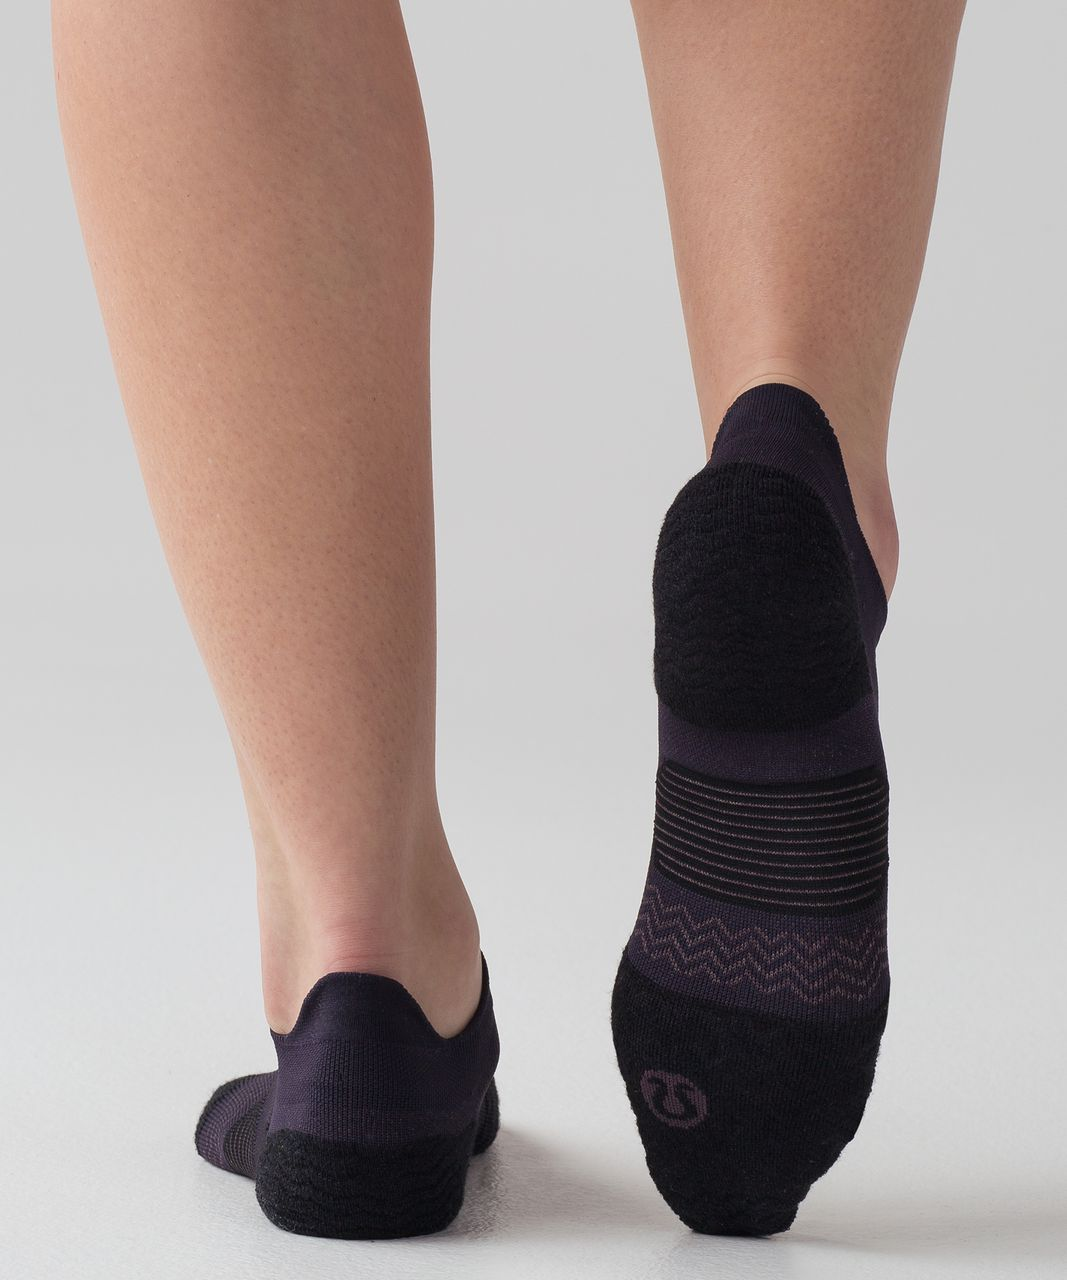 Lululemon Speed Sock *Silver - Black Grape / Black Currant